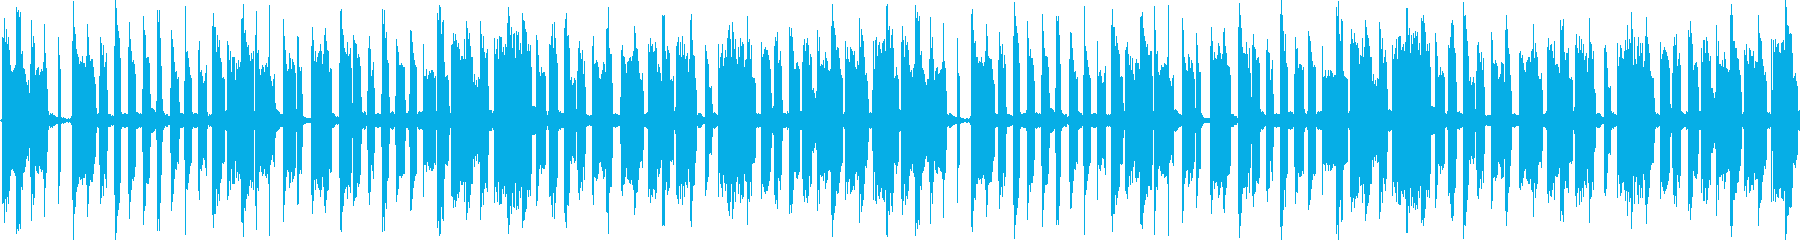 【ゲーム/オルガン/チップチューン】の再生済みの波形